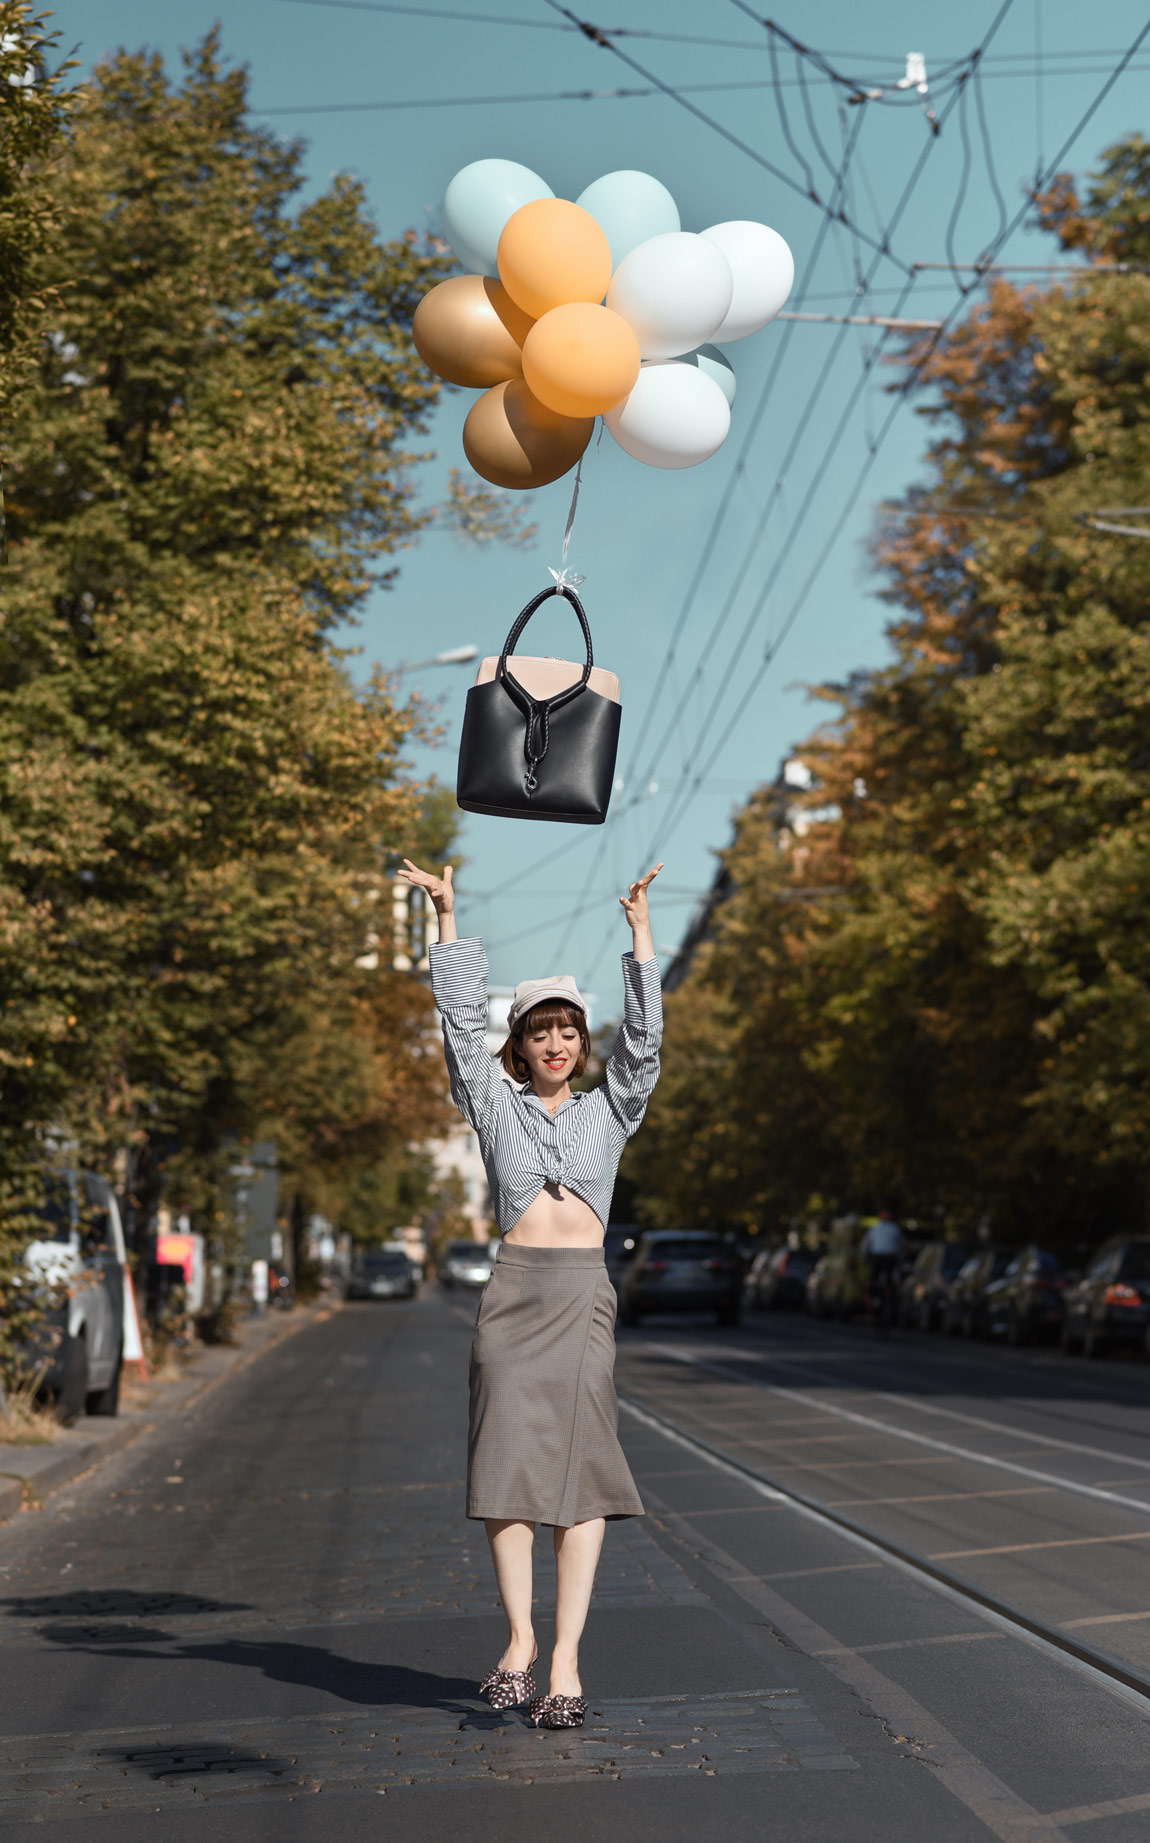 selbstständigkeit, manandel, luftballons, balloons, cute, manandellovers, job, business, freiberuflich, freelancer, blogger, bloggen, berlin, fashionblog, modeblog, tasche, bag, laptoptasche, leder, italien, luxus